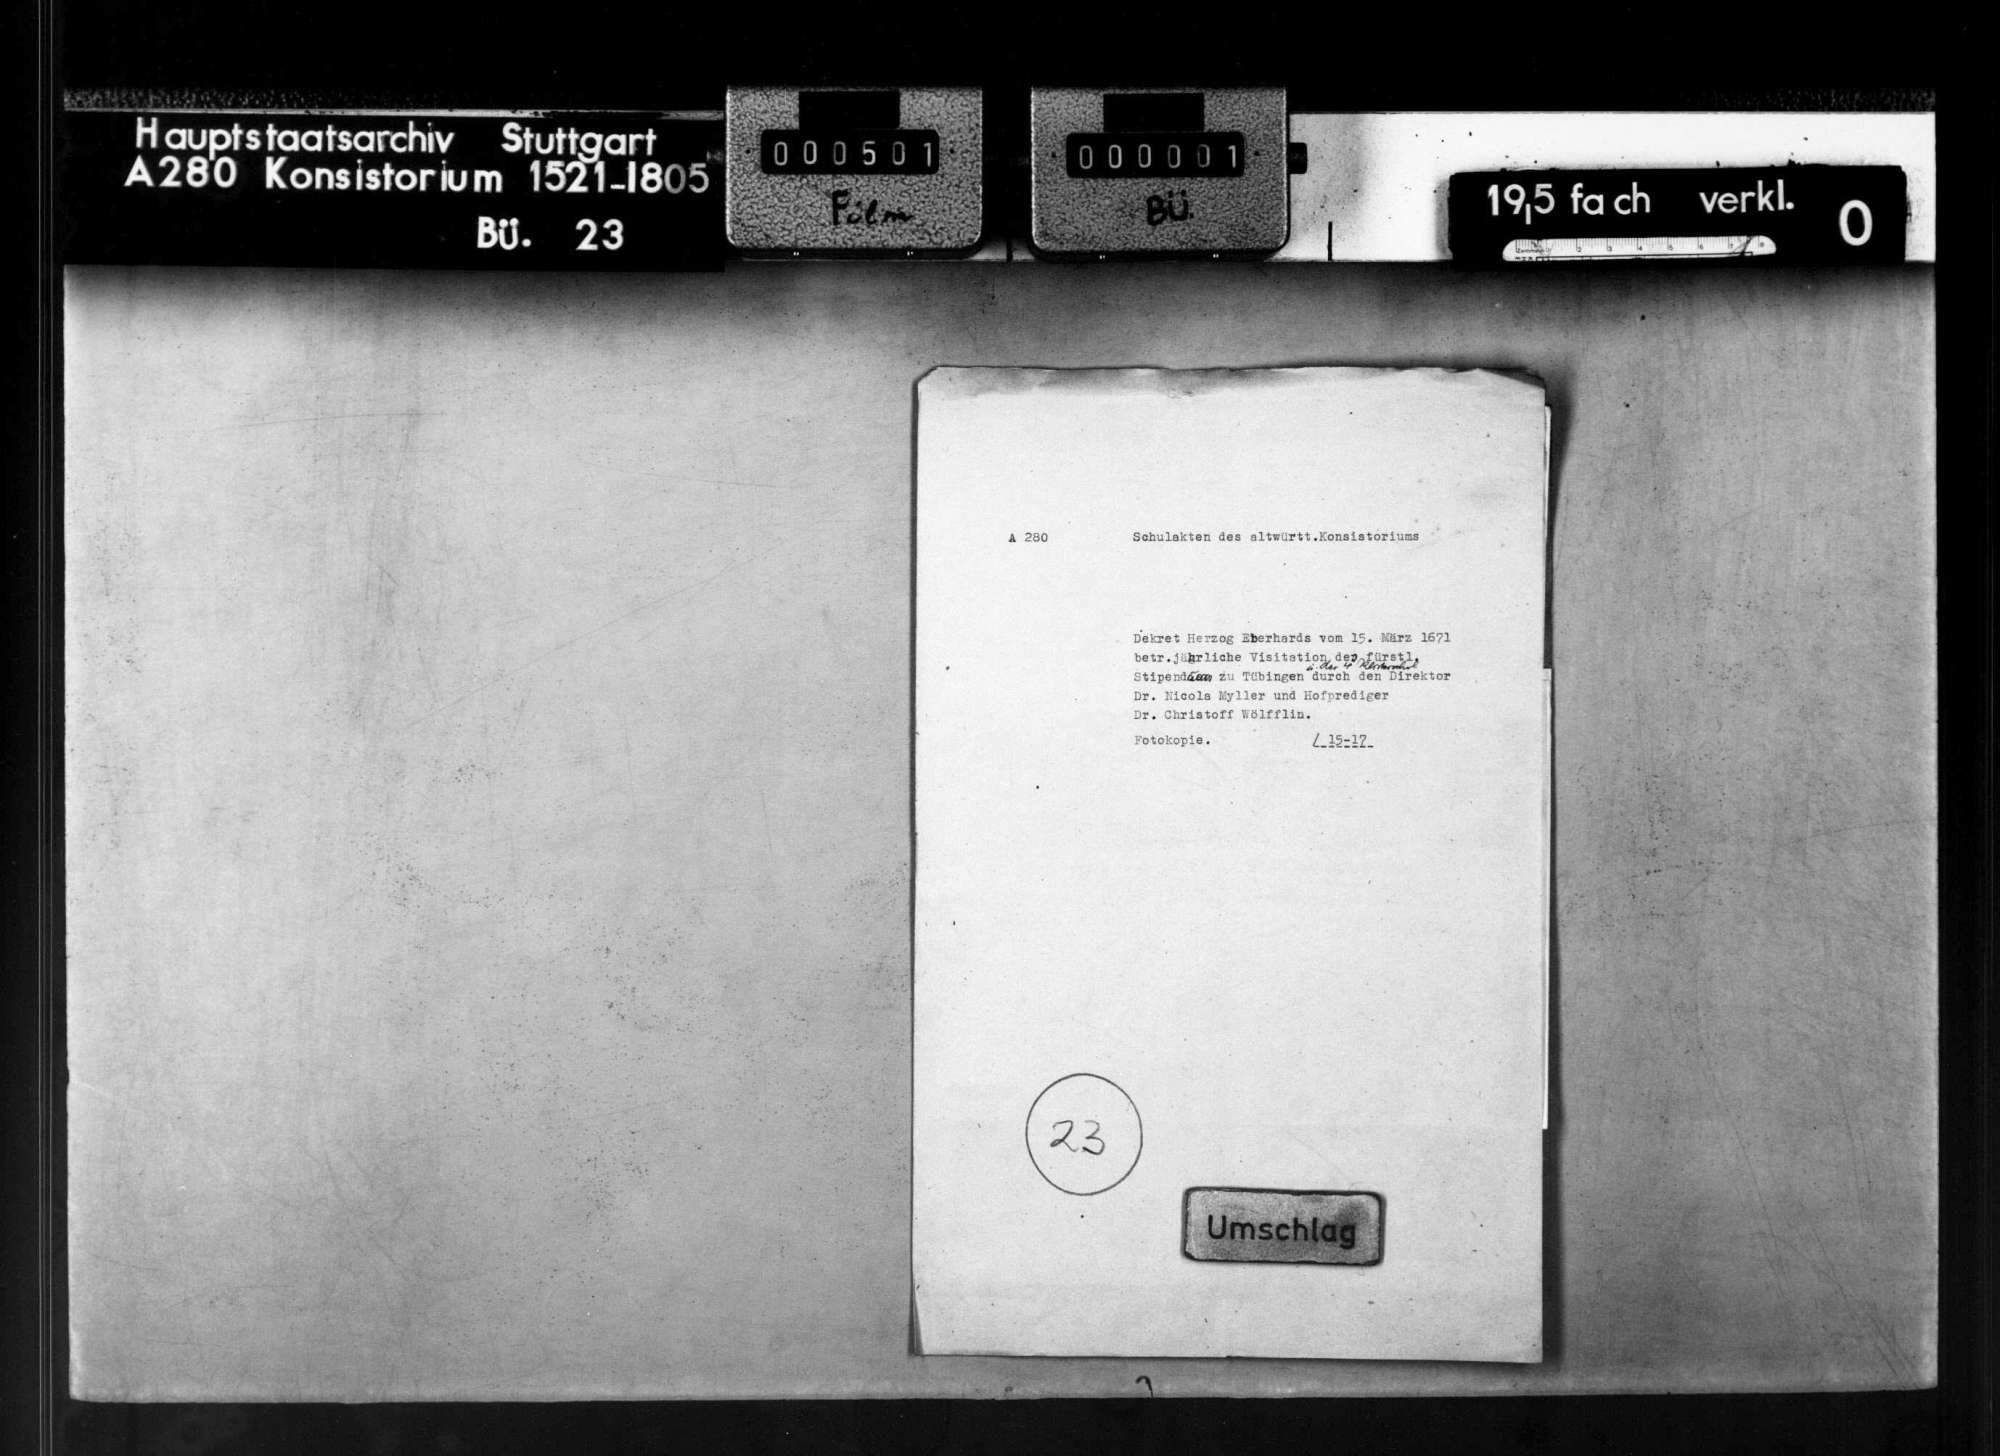 Dekret Herzog Eberhards betr. die jährliche Visitation des fürstlichen Stifts Tübingen und der 4 Klosterschulen durch Direktor Dr. Nicola Myller und Hofprediger Dr. Christoff Wölfflin, 15.03.1671., Bild 1